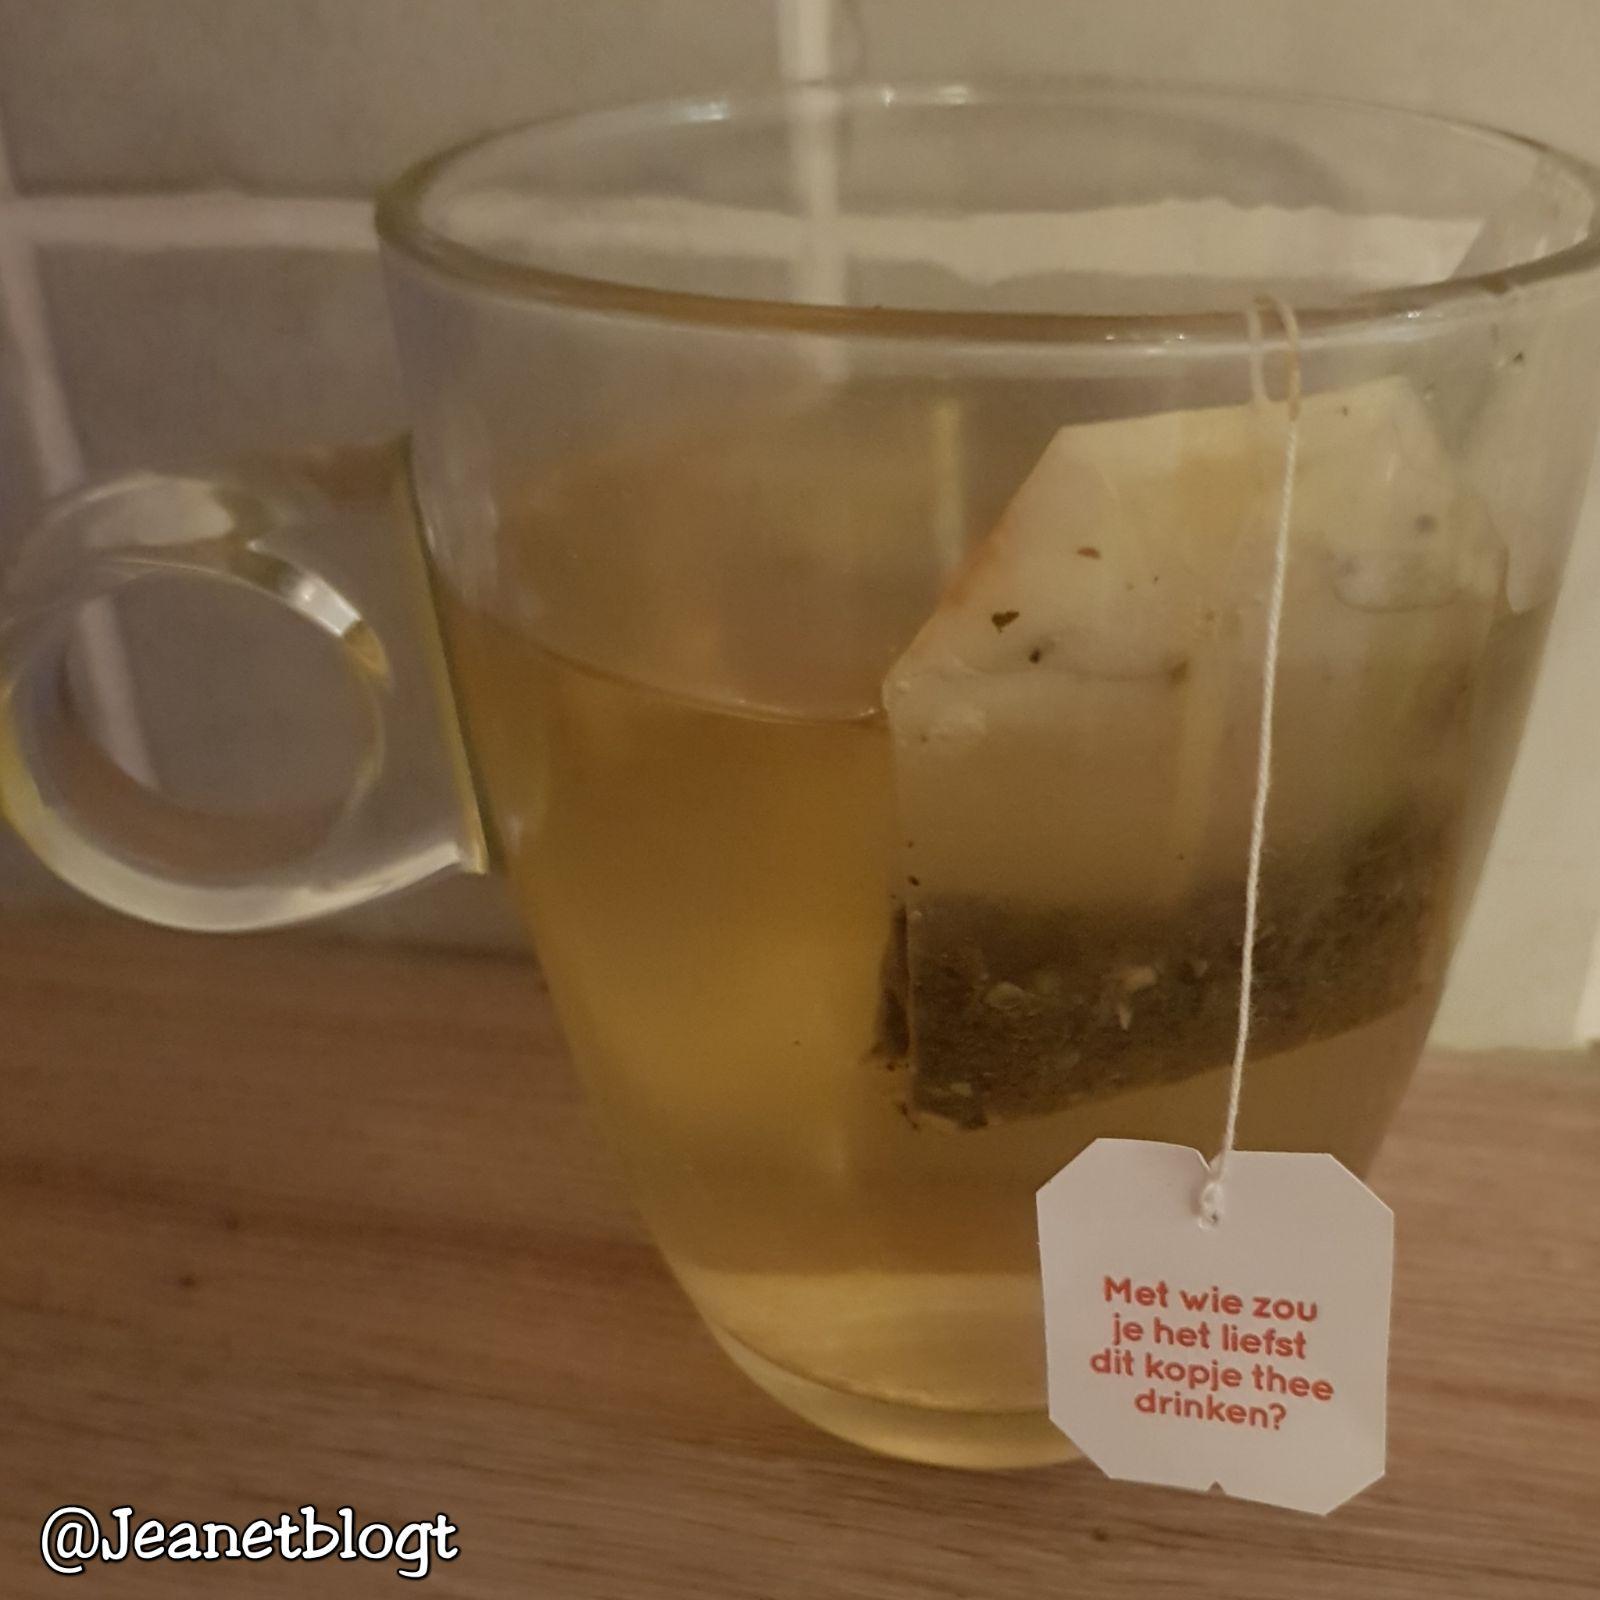 Met wie zou je het liefst weer een kopje thee drinken?